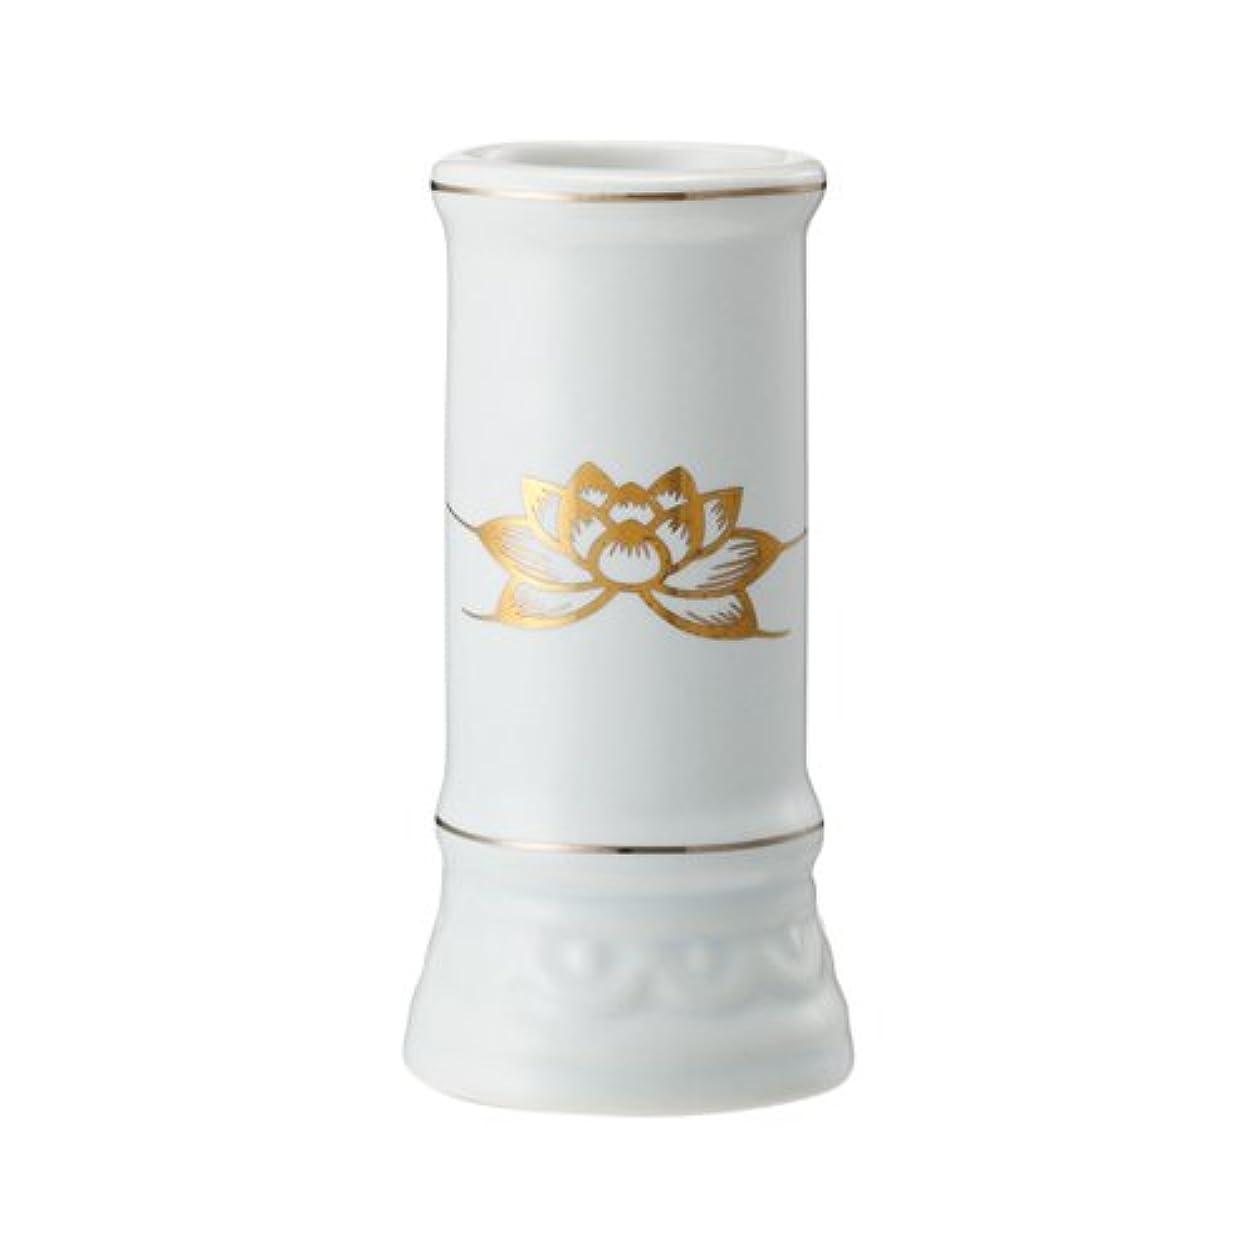 レンジ慎重に巧みな日本香堂 線香立て ミニ陶器白磁